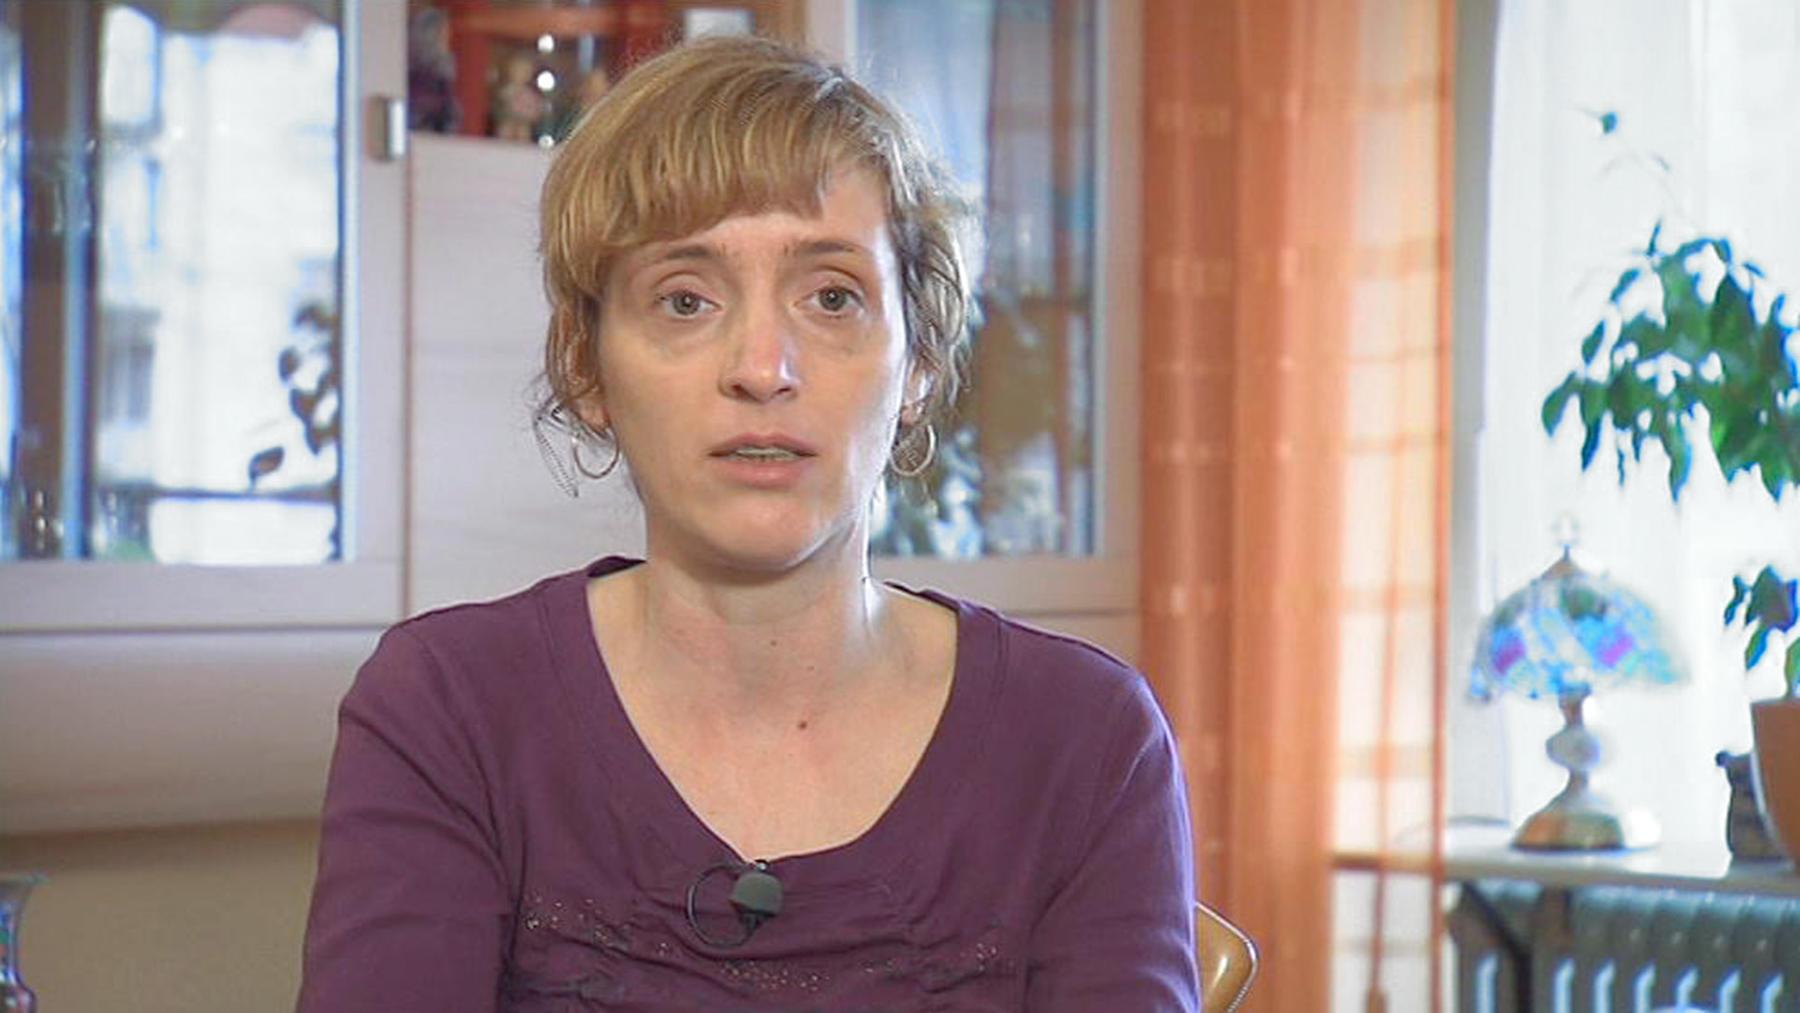 Mutter hat Angst um ihre 17-jährige Tochter